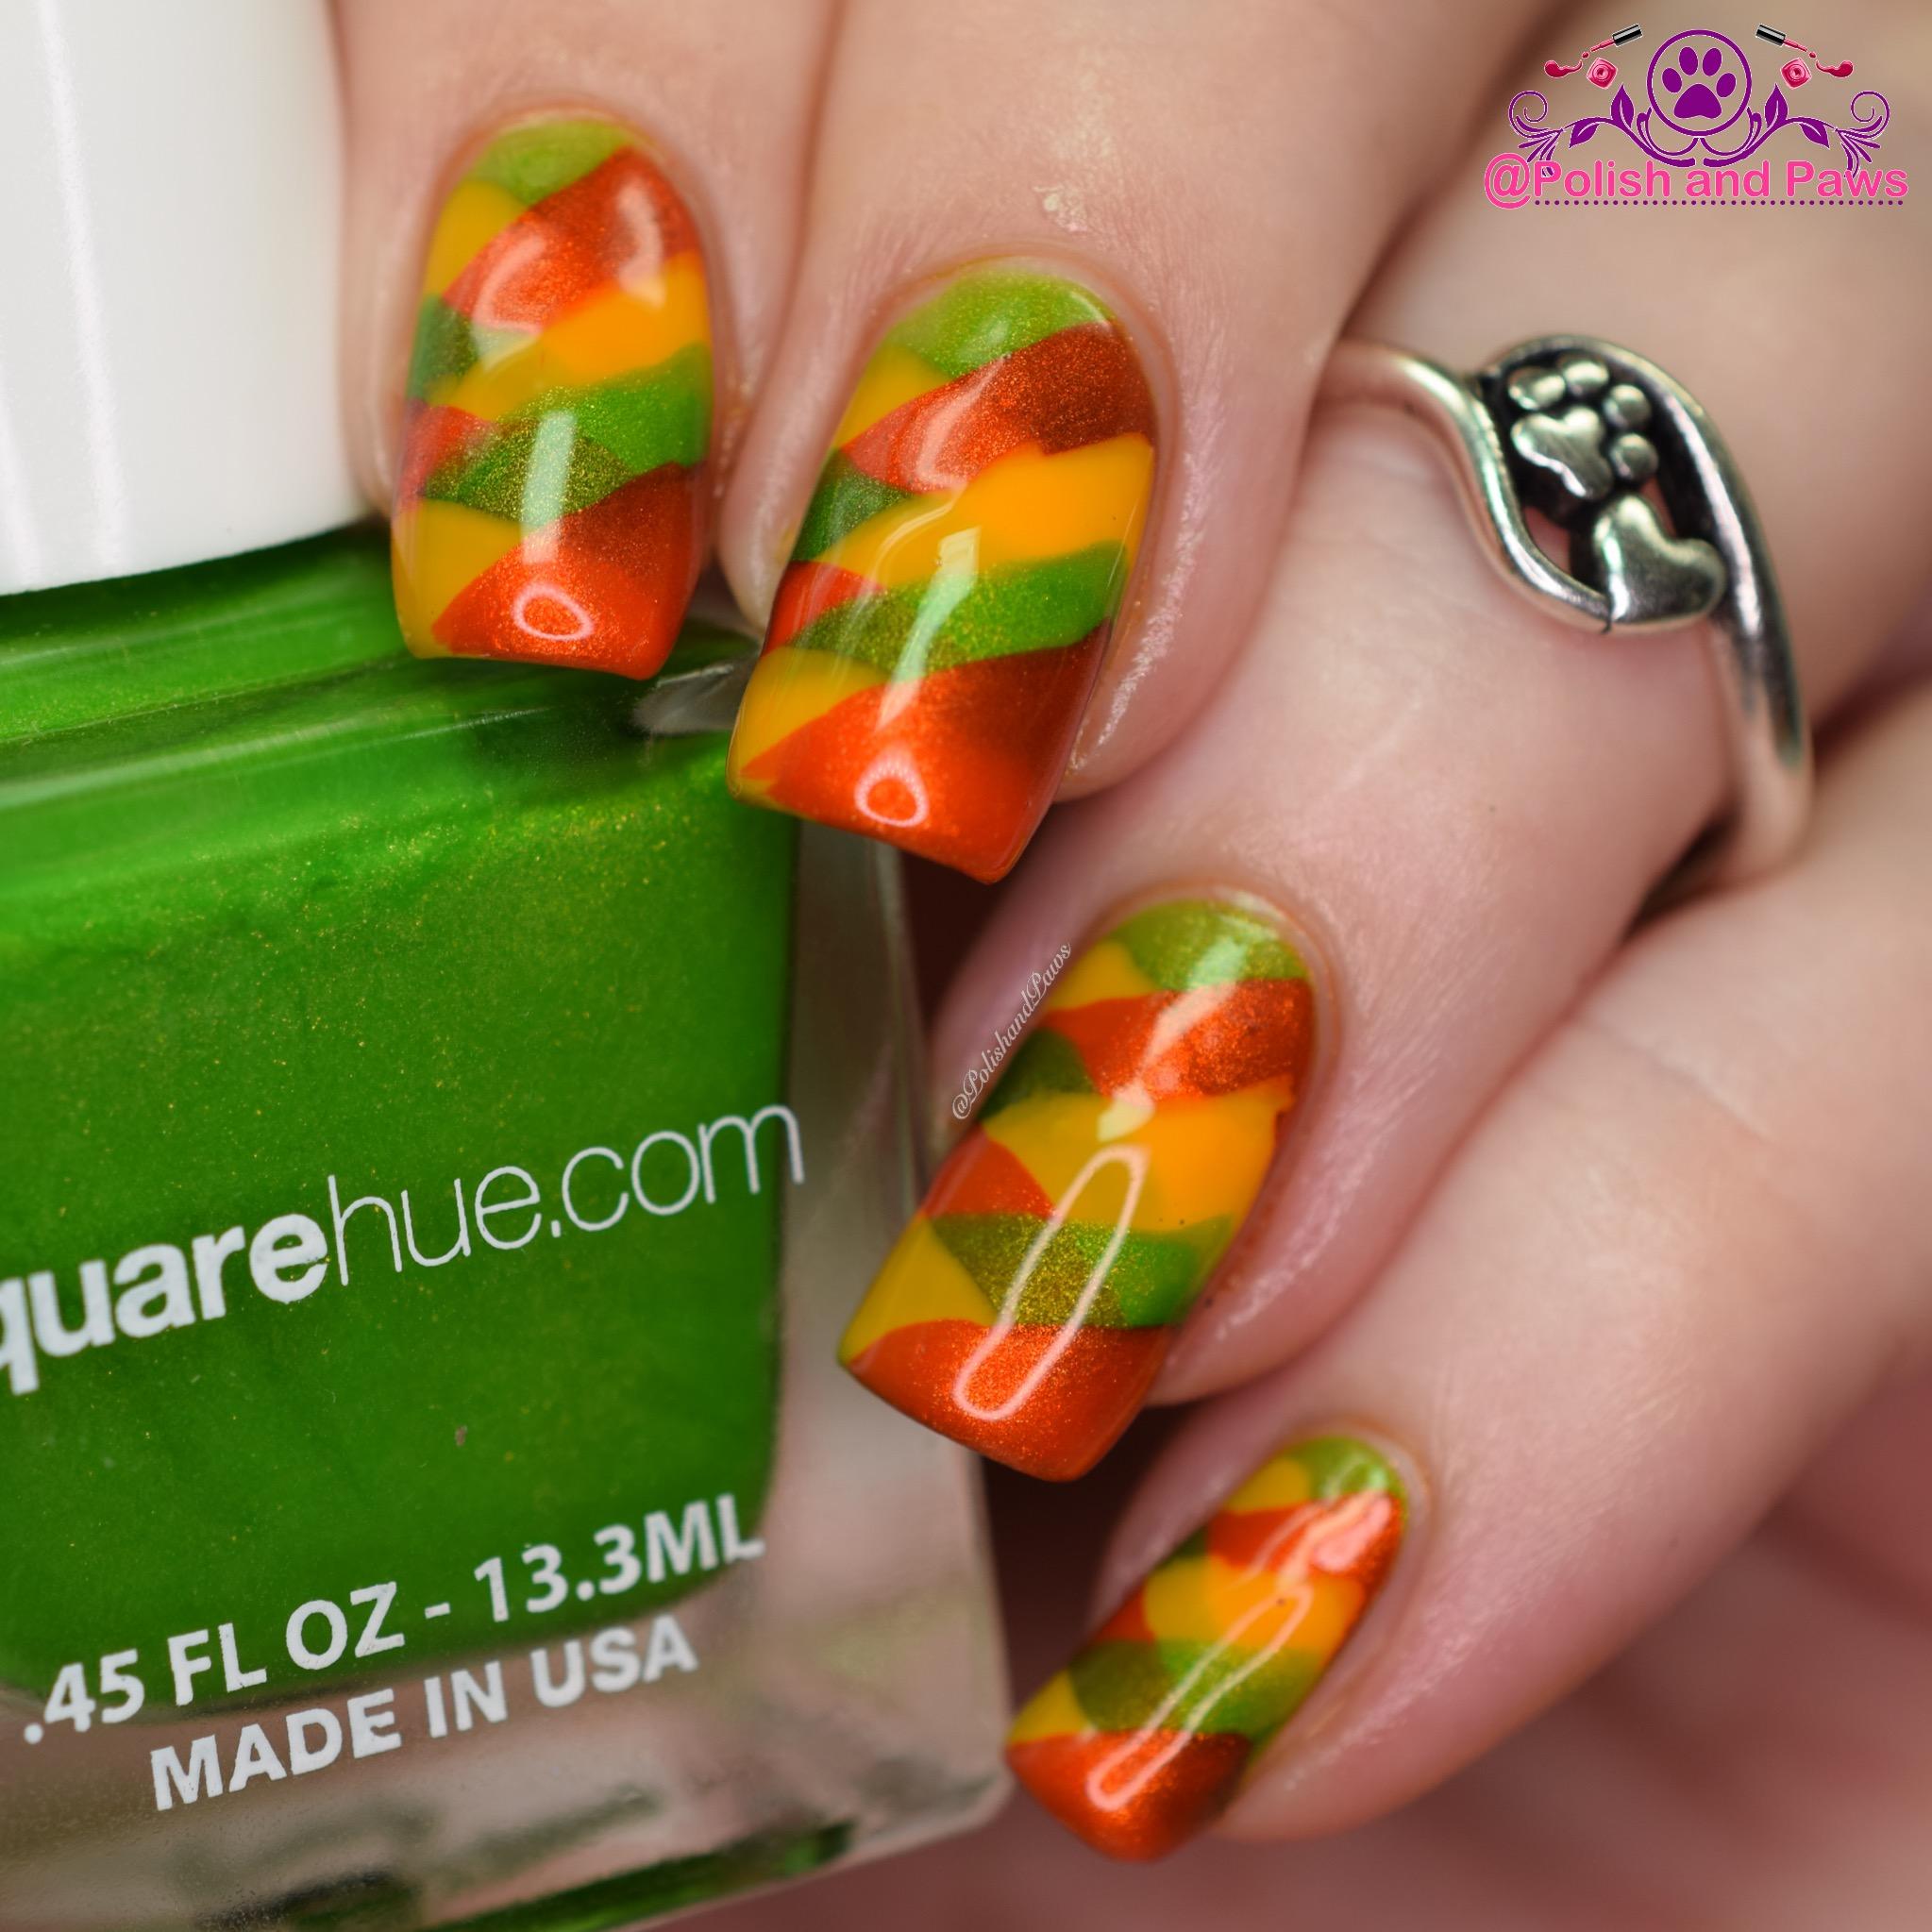 Square Hue Nail Art